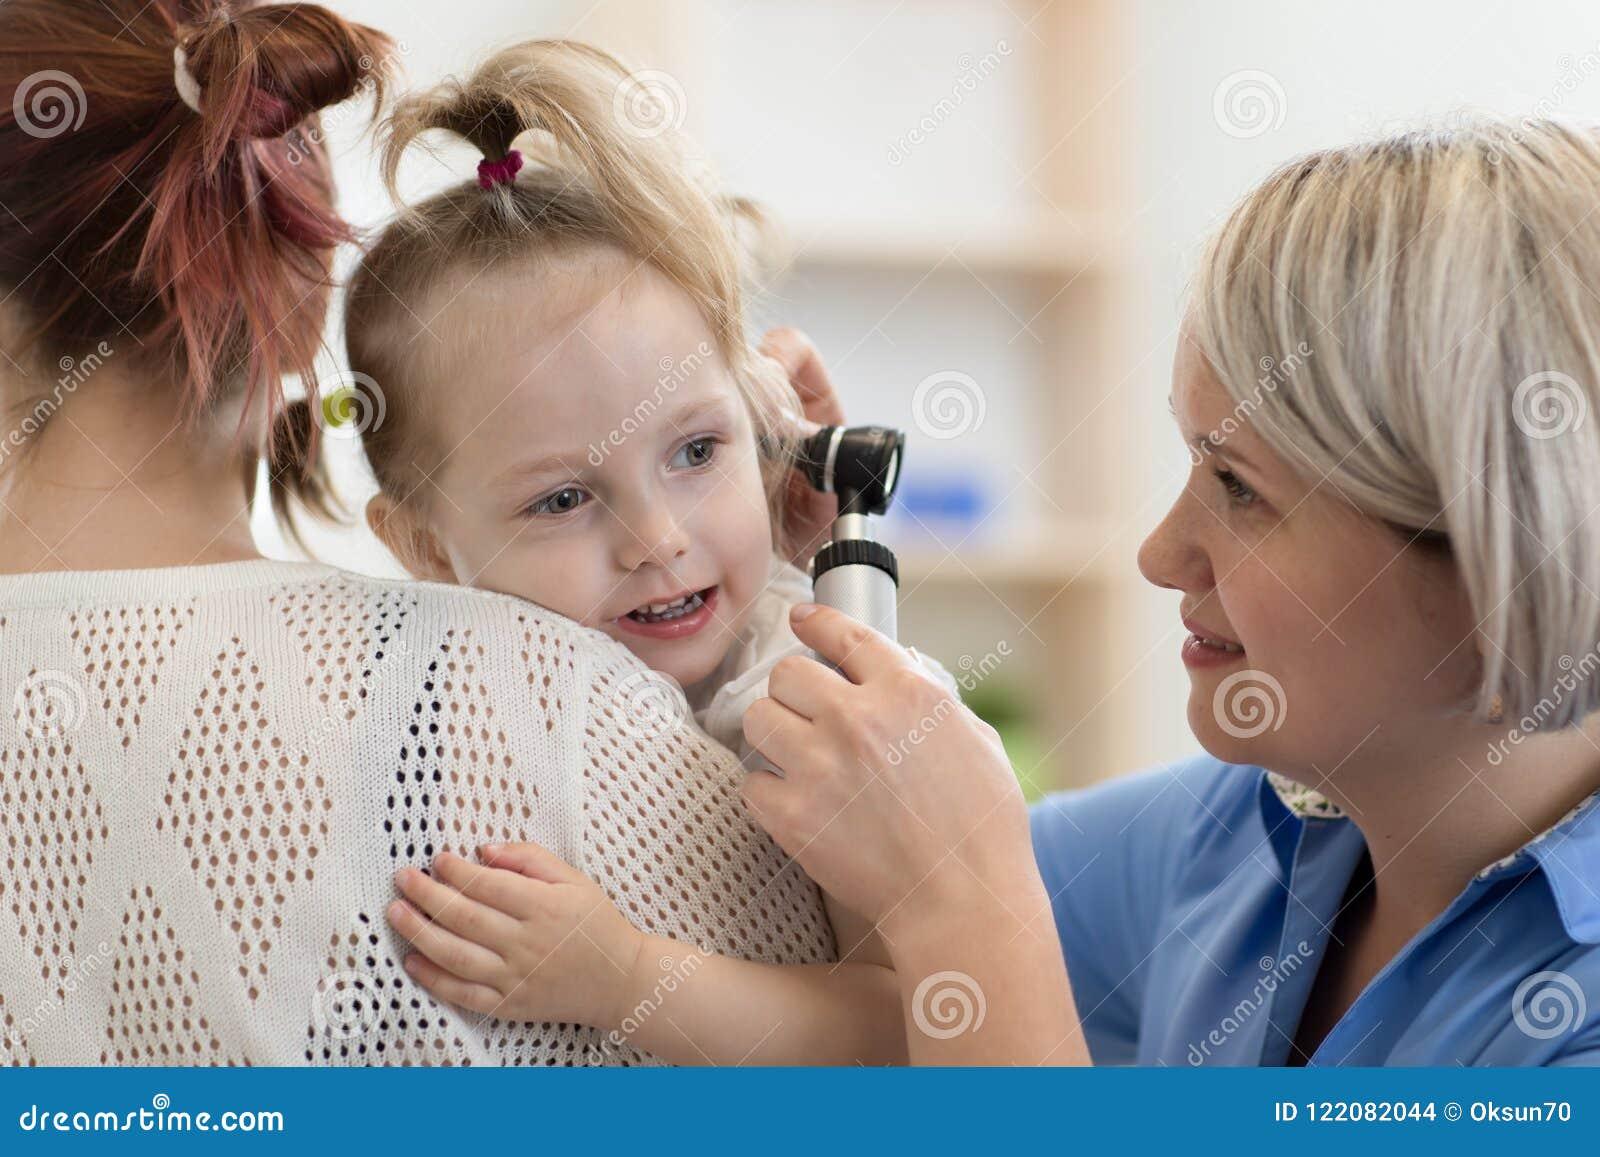 Oto-rhino-laryngologiste du ` s d enfant faisant l examen d oreille de la petite fille